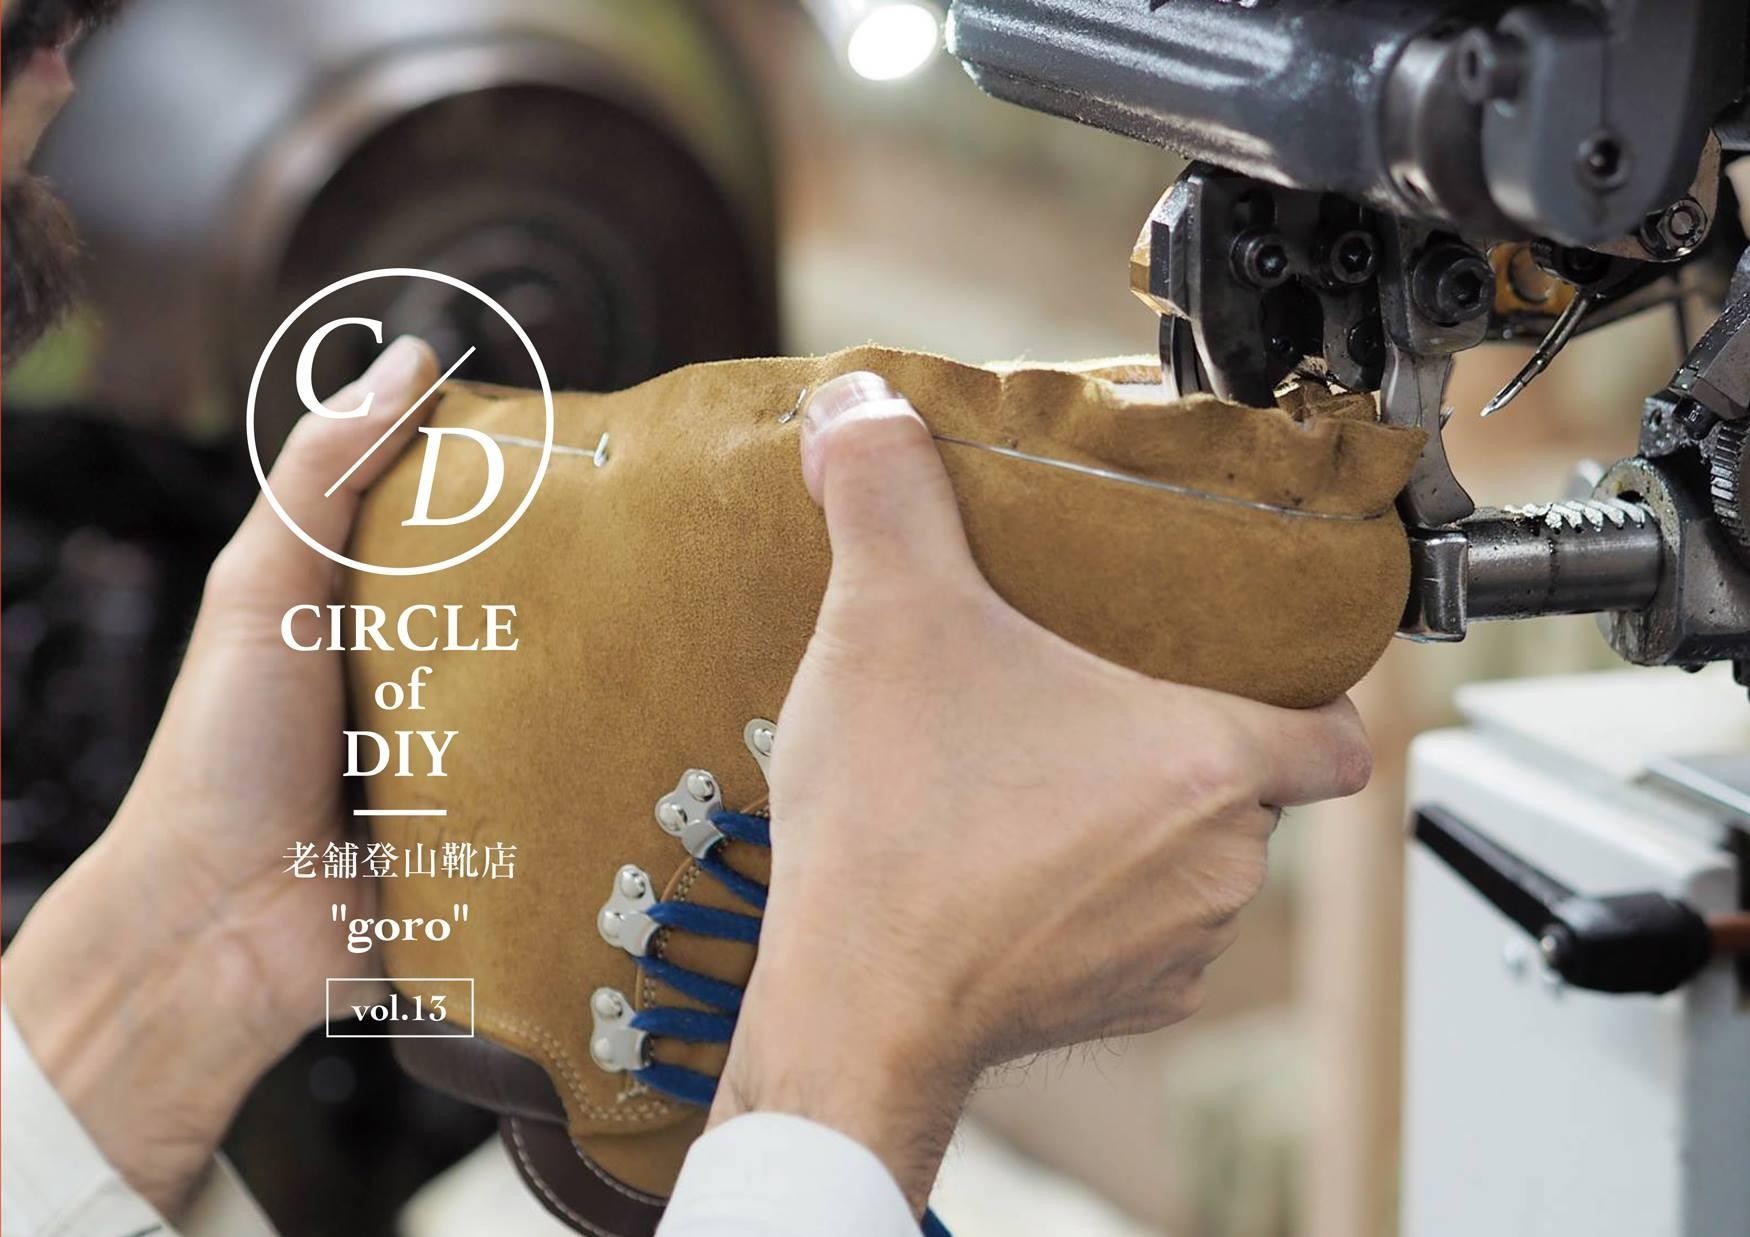 一人一人に向き合うことで生まれる、世界に一足の登山靴。〜goro〜/CIRCLE of DIY Vol.13